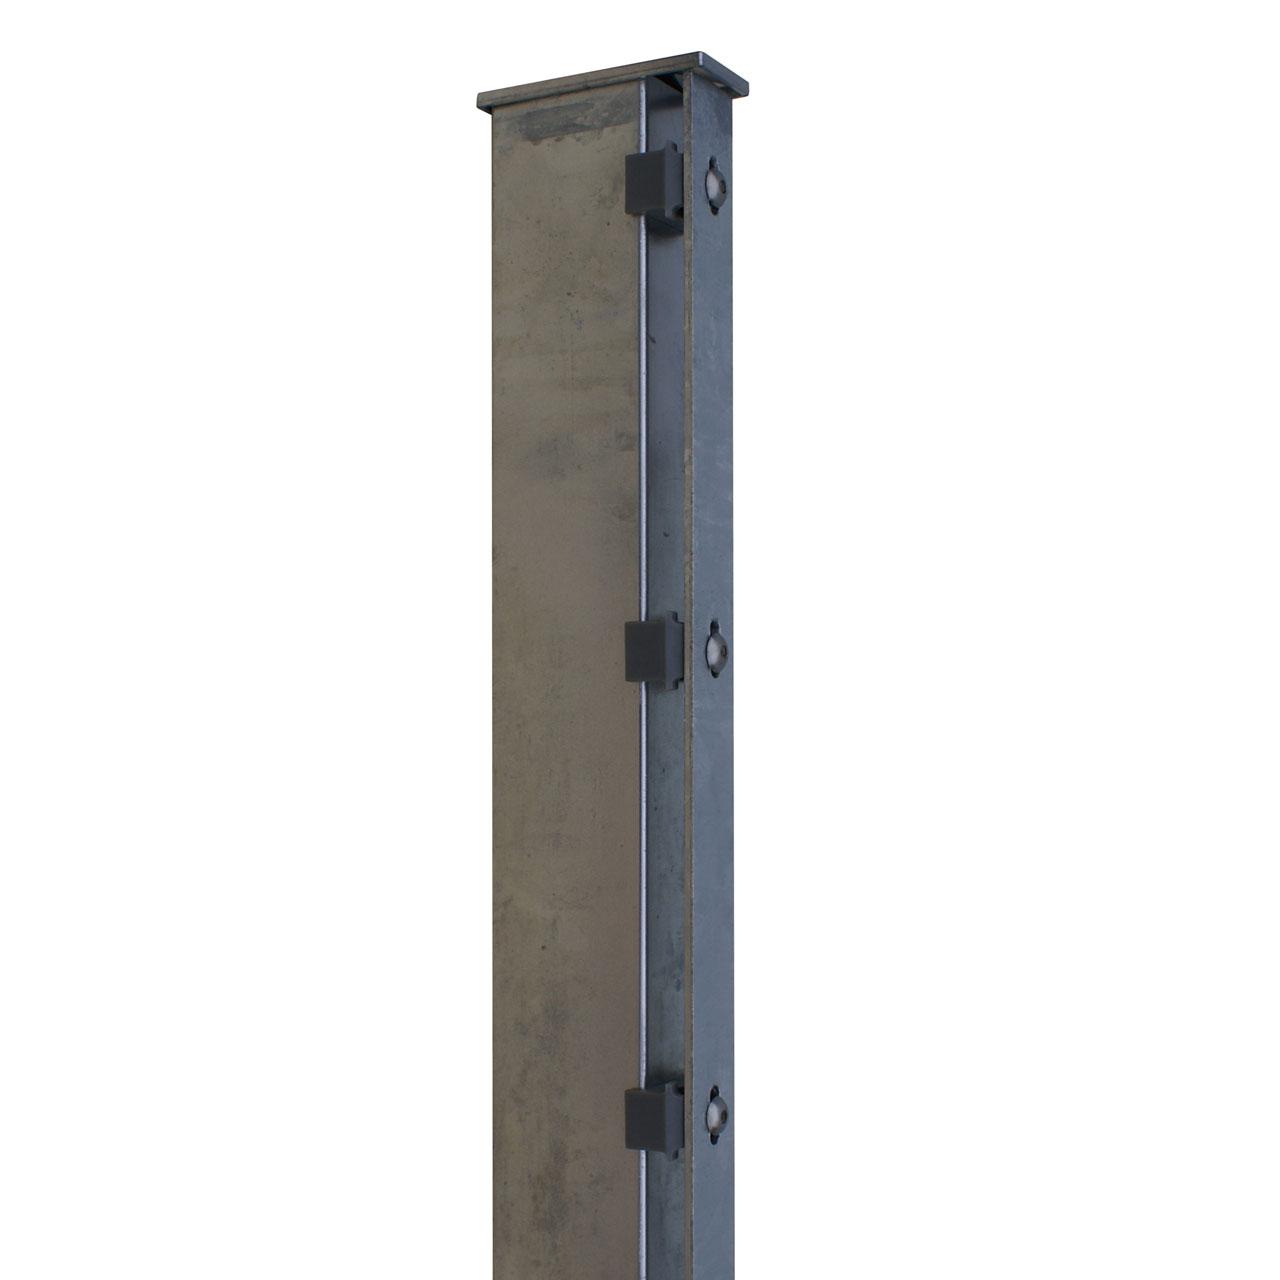 Zaunpfosten für Sichtschutzstreifen 180cm verzinkt